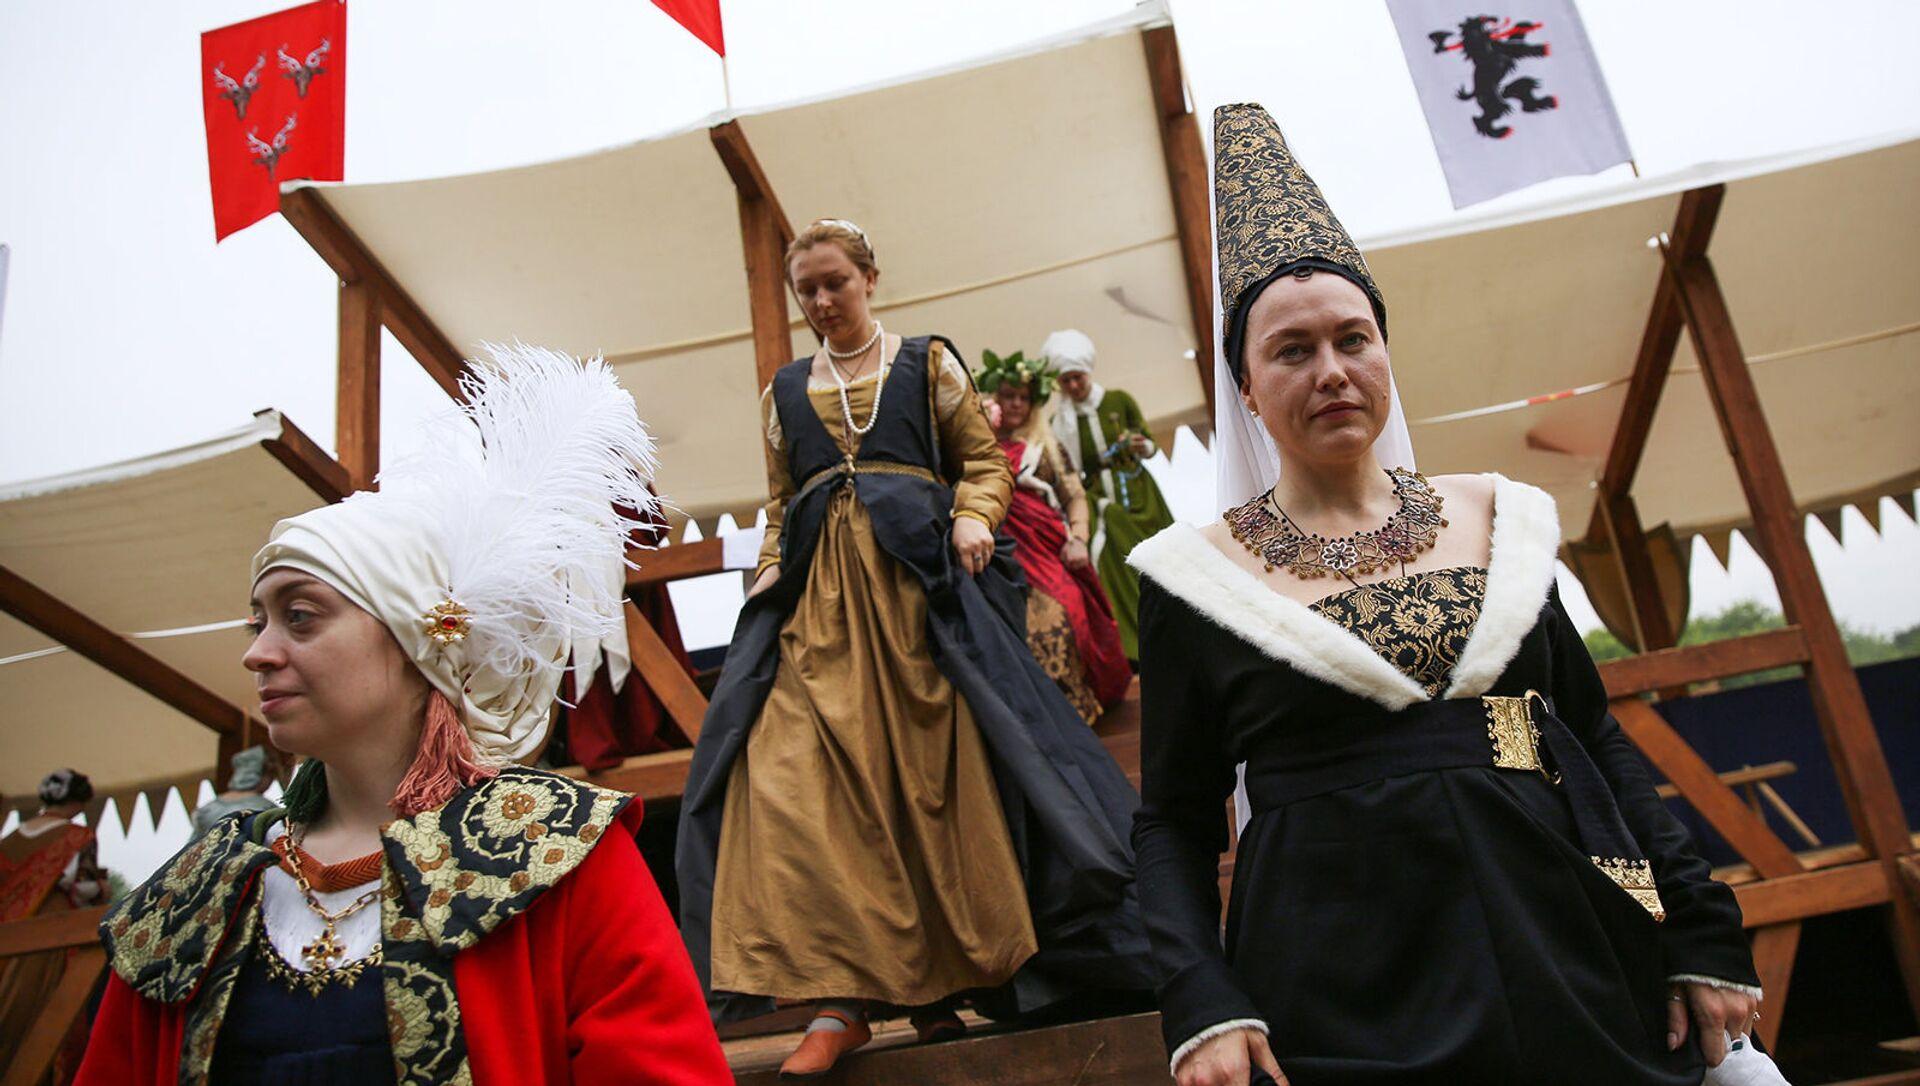 Come nel medioevo, mentre i cavalieri si sfidano le dame in costume fanno da spettatrici - Sputnik Italia, 1920, 04.03.2021